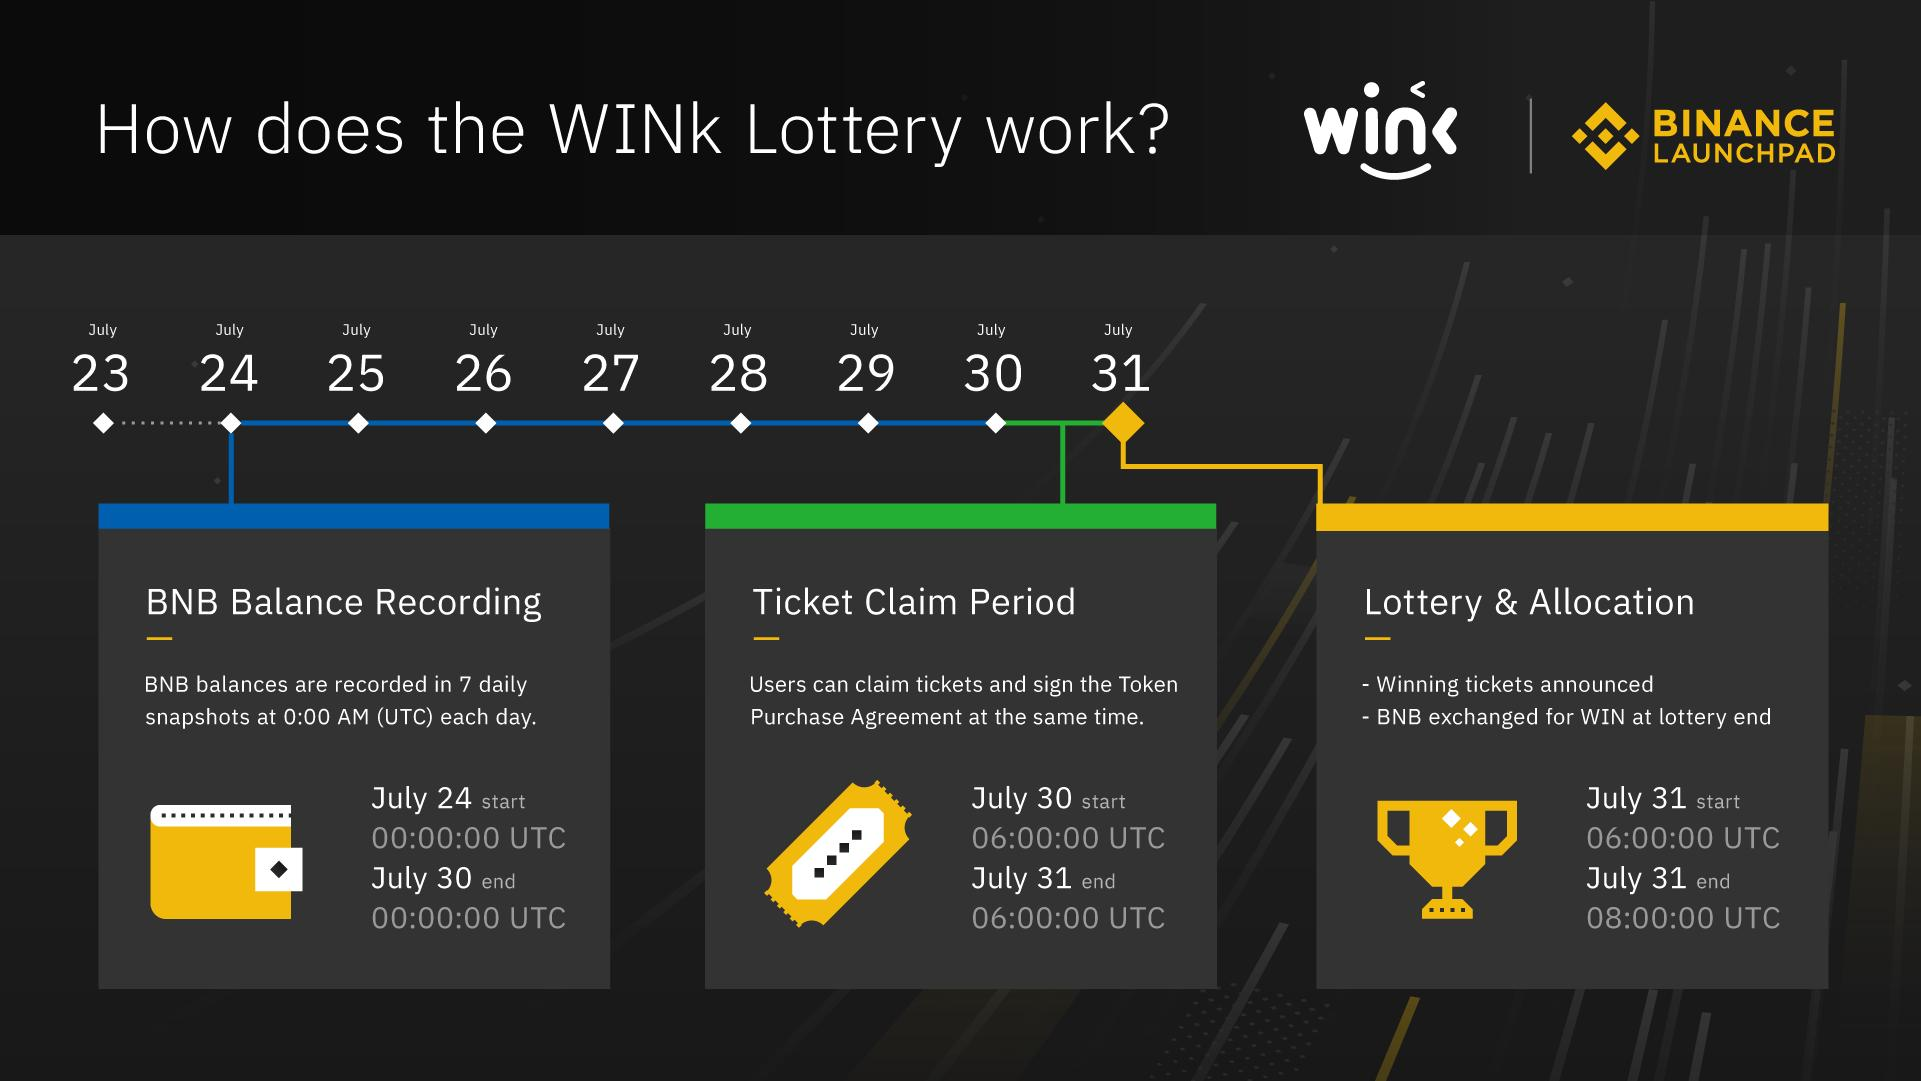 wink lottery